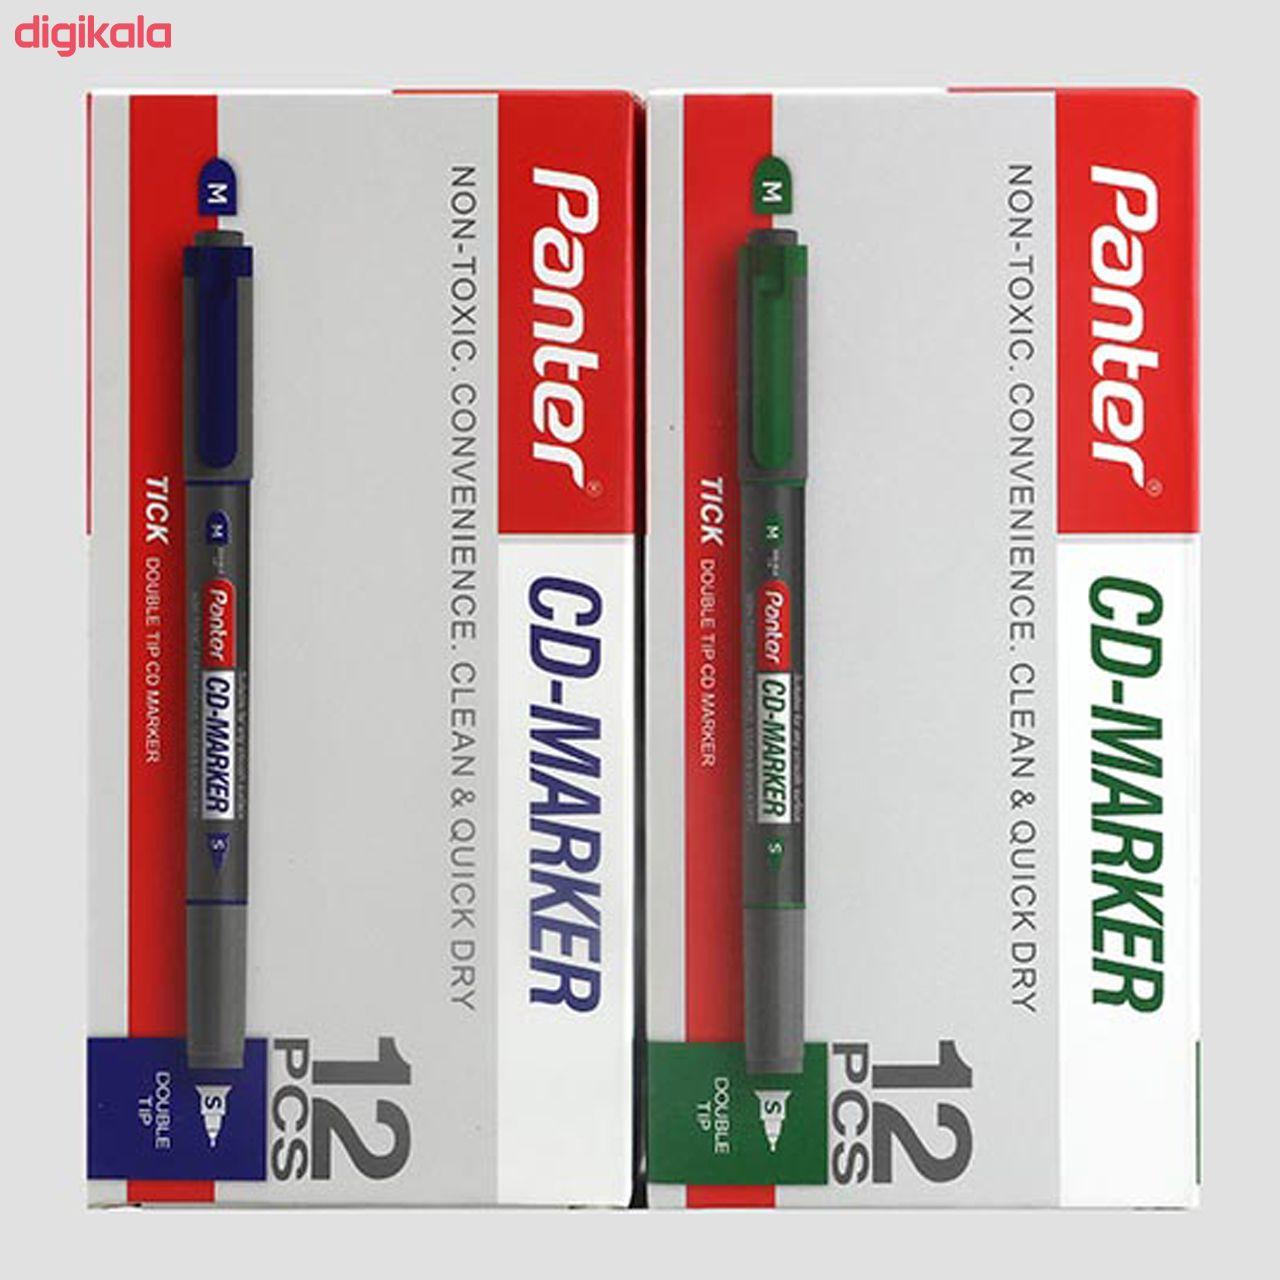 ماژیک سی دی پنتر مدل CDM102 بسته 6 عددی  main 1 9